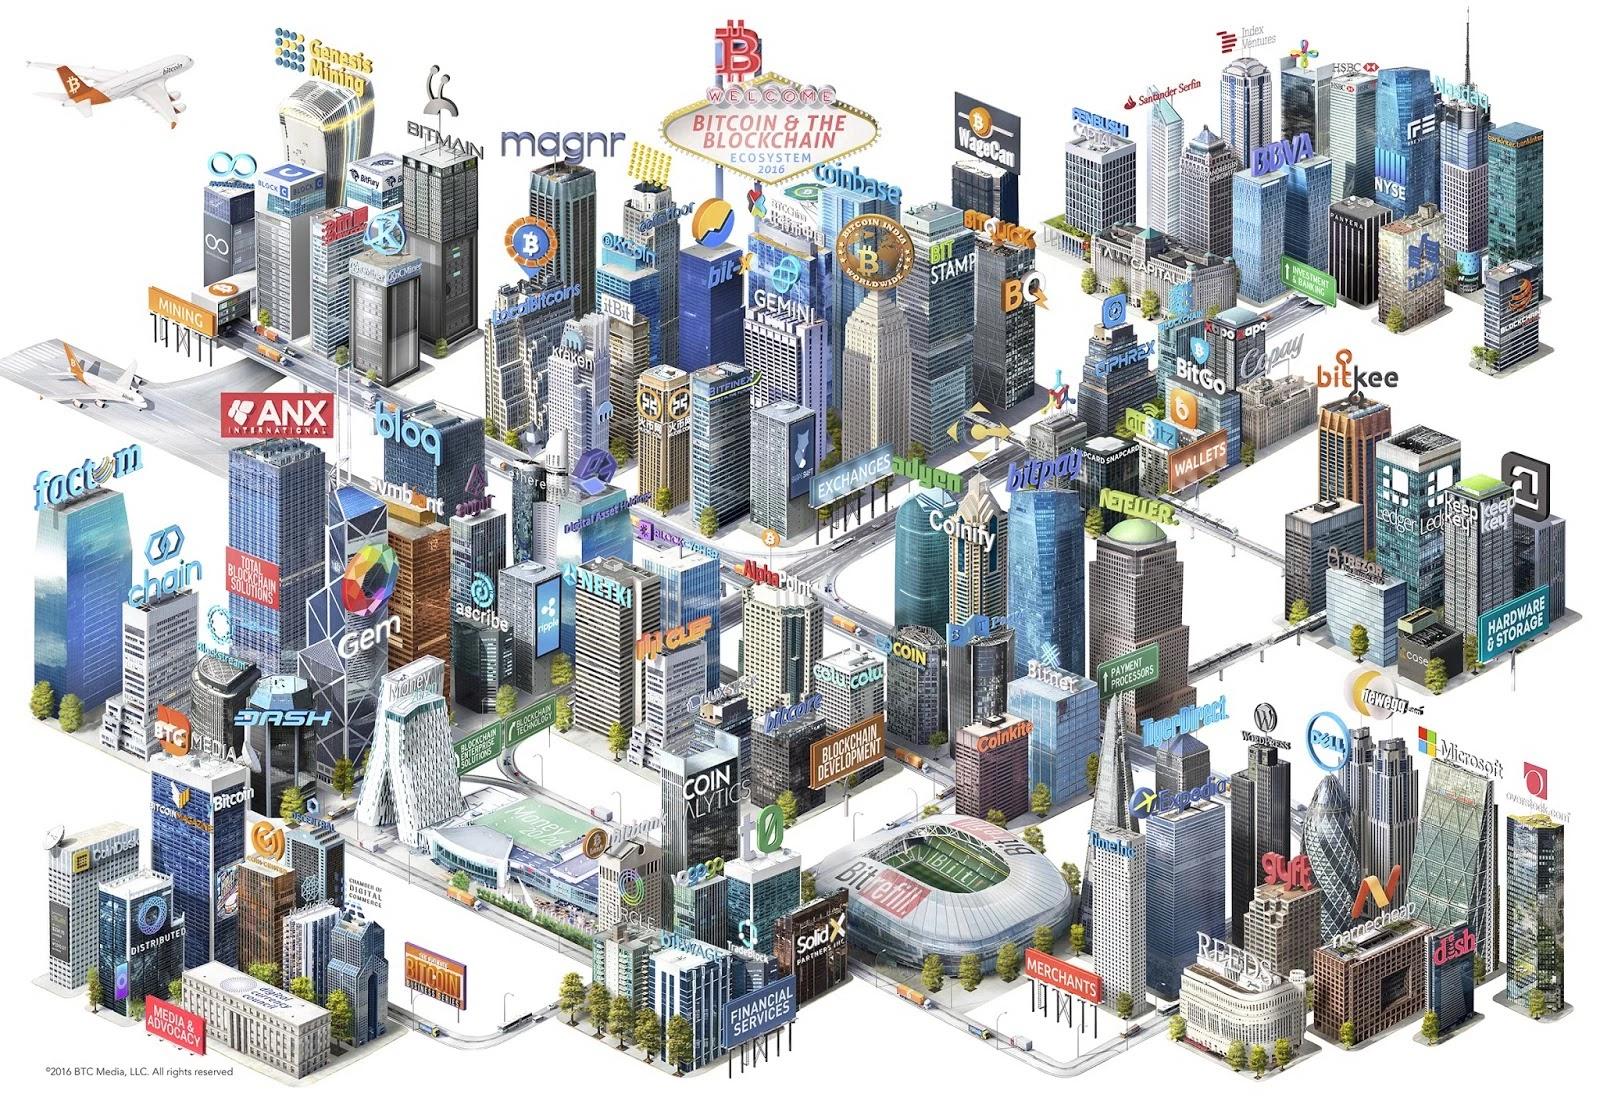 البتكوين, Bitcoin, ماهى عملة البتكوين, شرح البتكوين, شرح العملات الرقمية, تعدين عملة البتكوين, مواقع تعدين عملة البتكوين, تعدين العملات الرقمية , محافظ البتكوين, bitcoin wallets